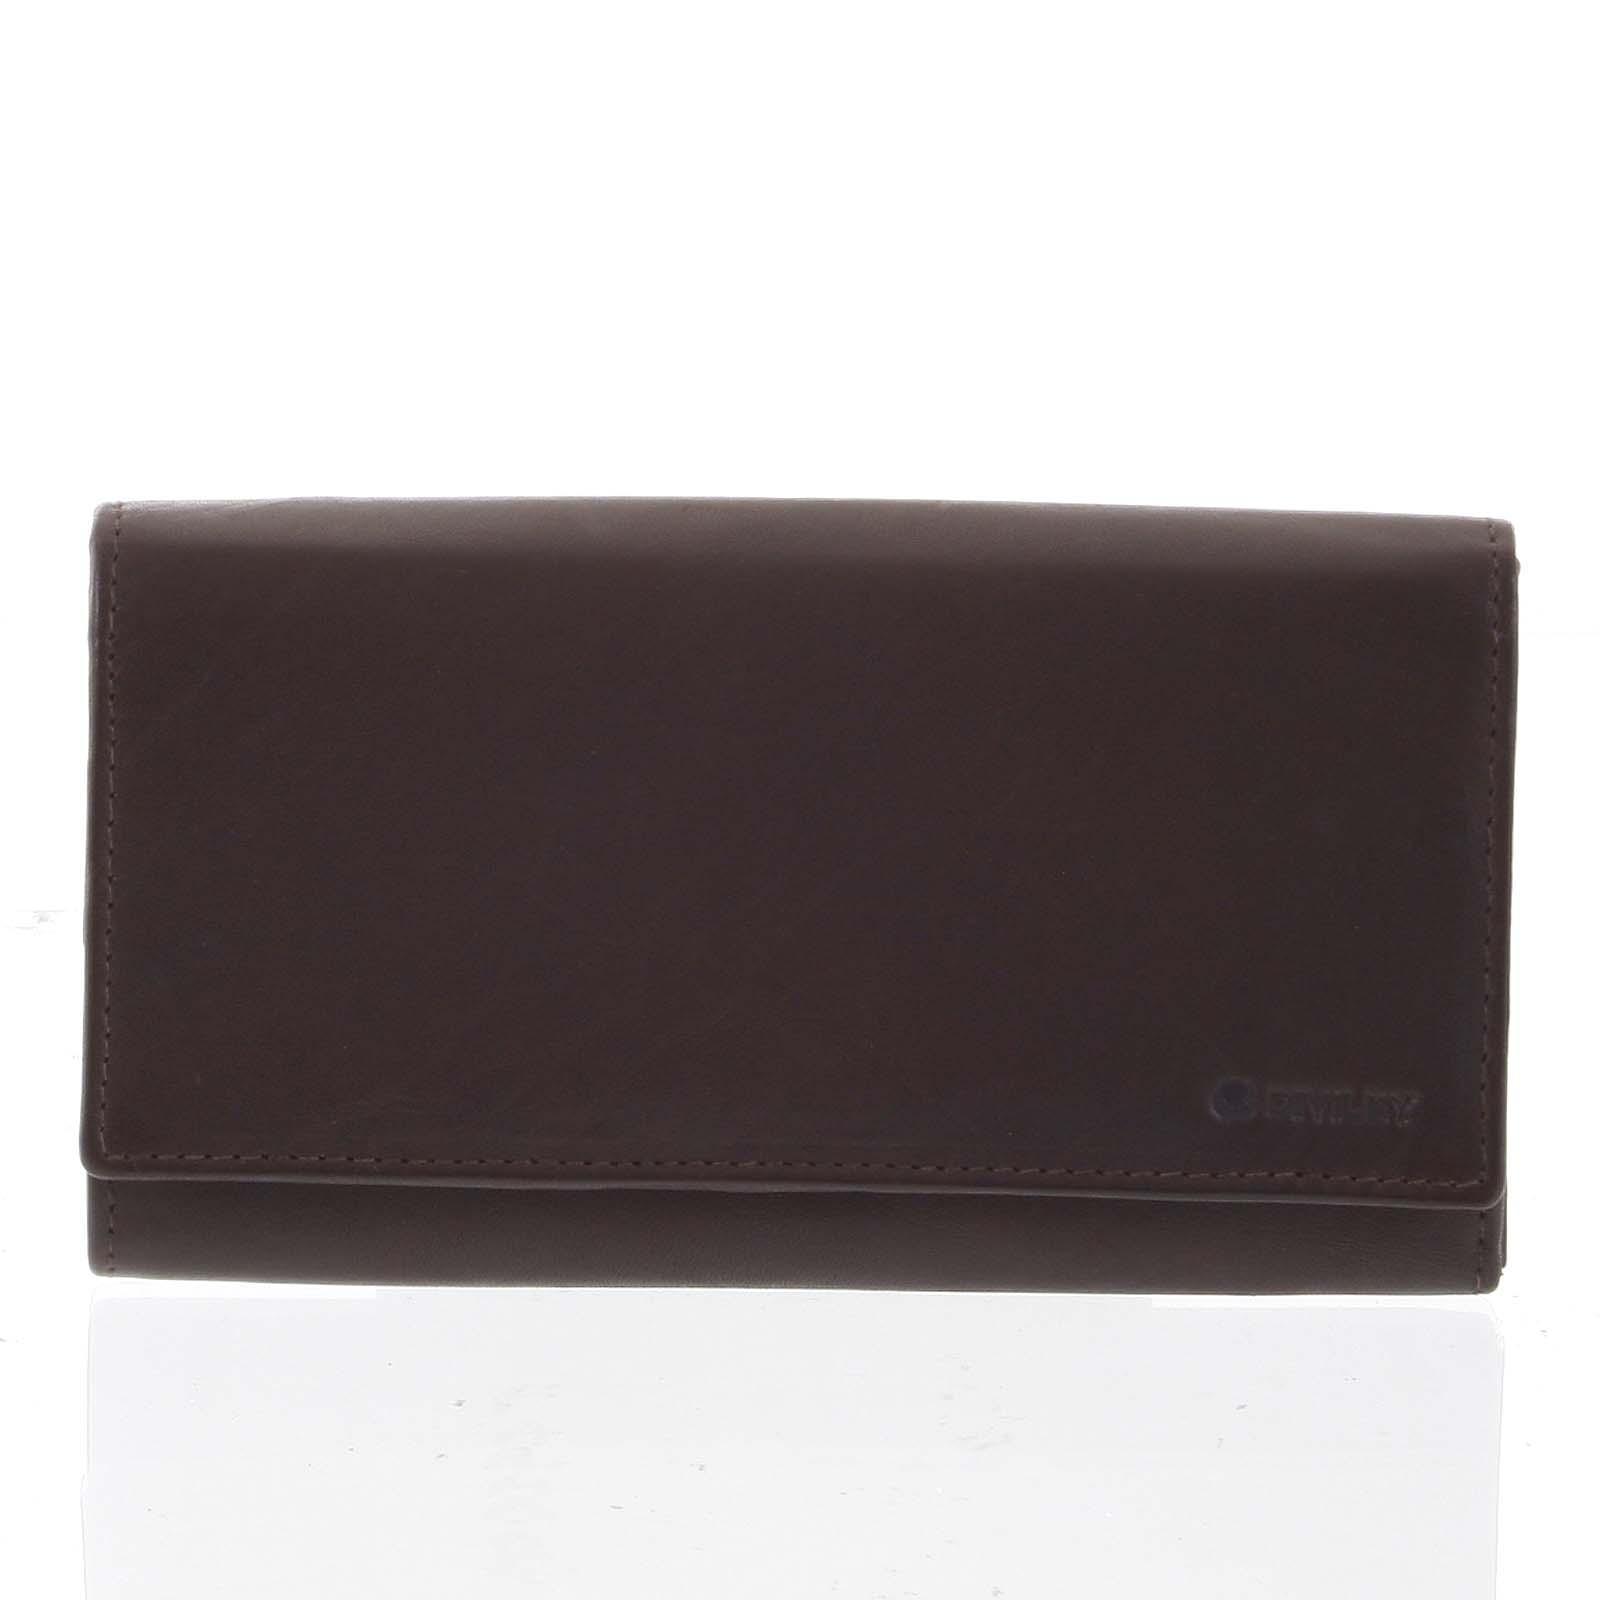 Dámská klasická hnědá kožená peněženka - Diviley Uniberso